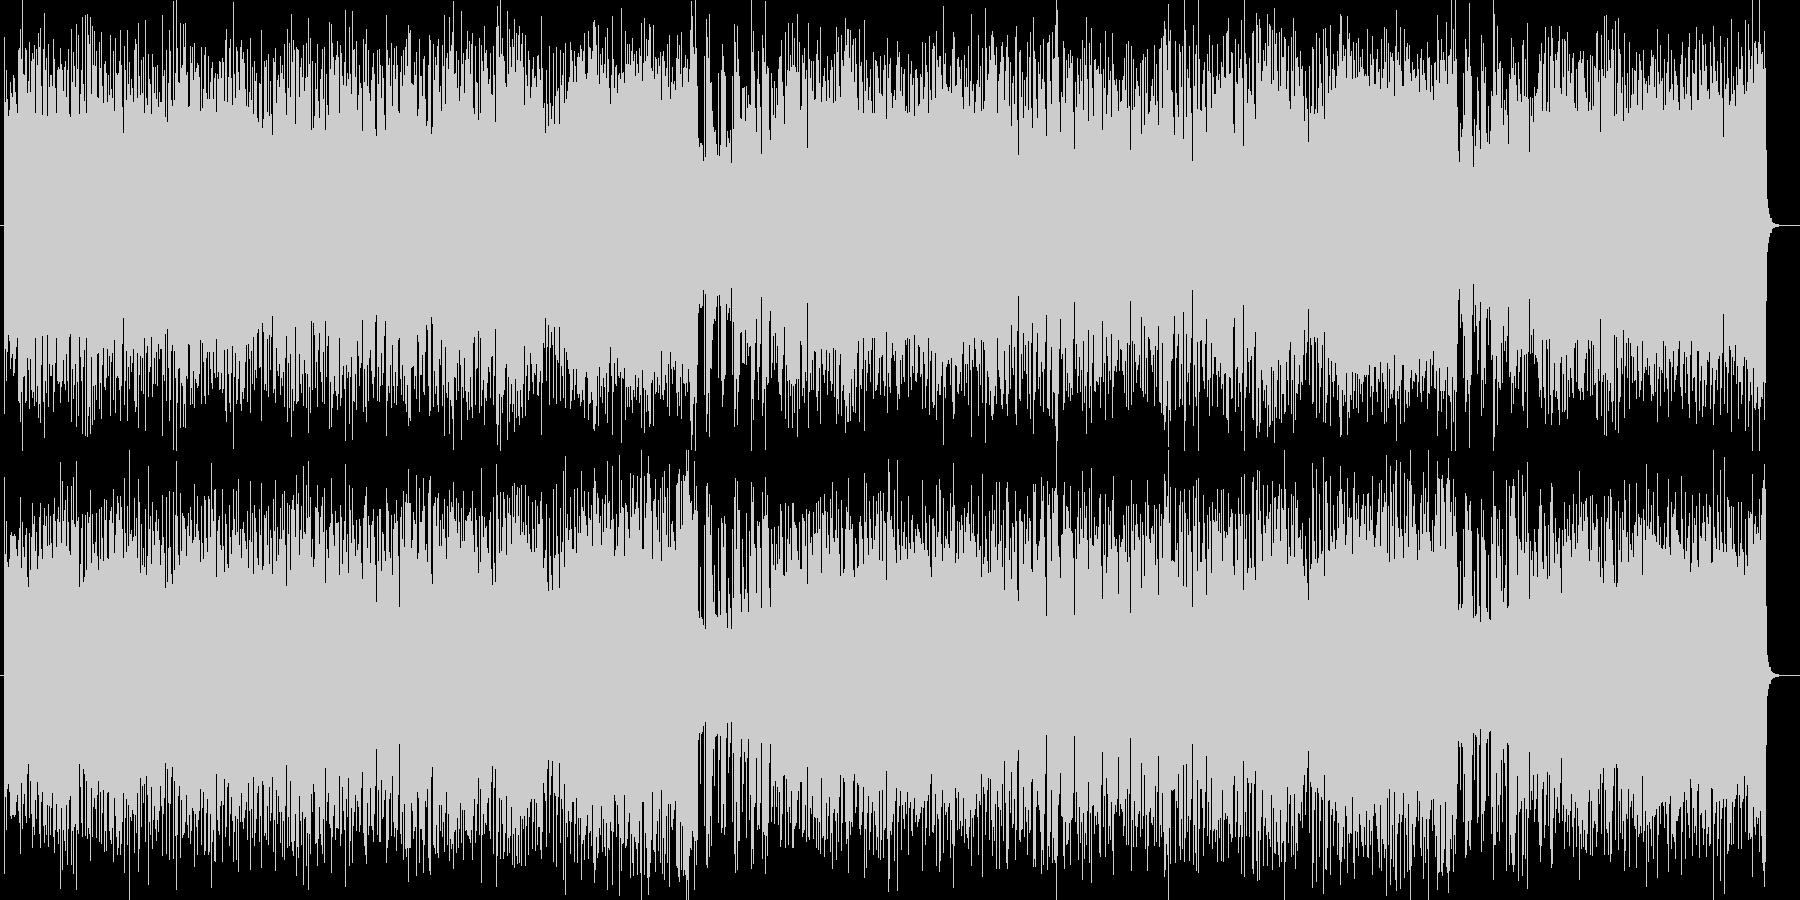 わくわくする爽快なPOPミュージックの未再生の波形